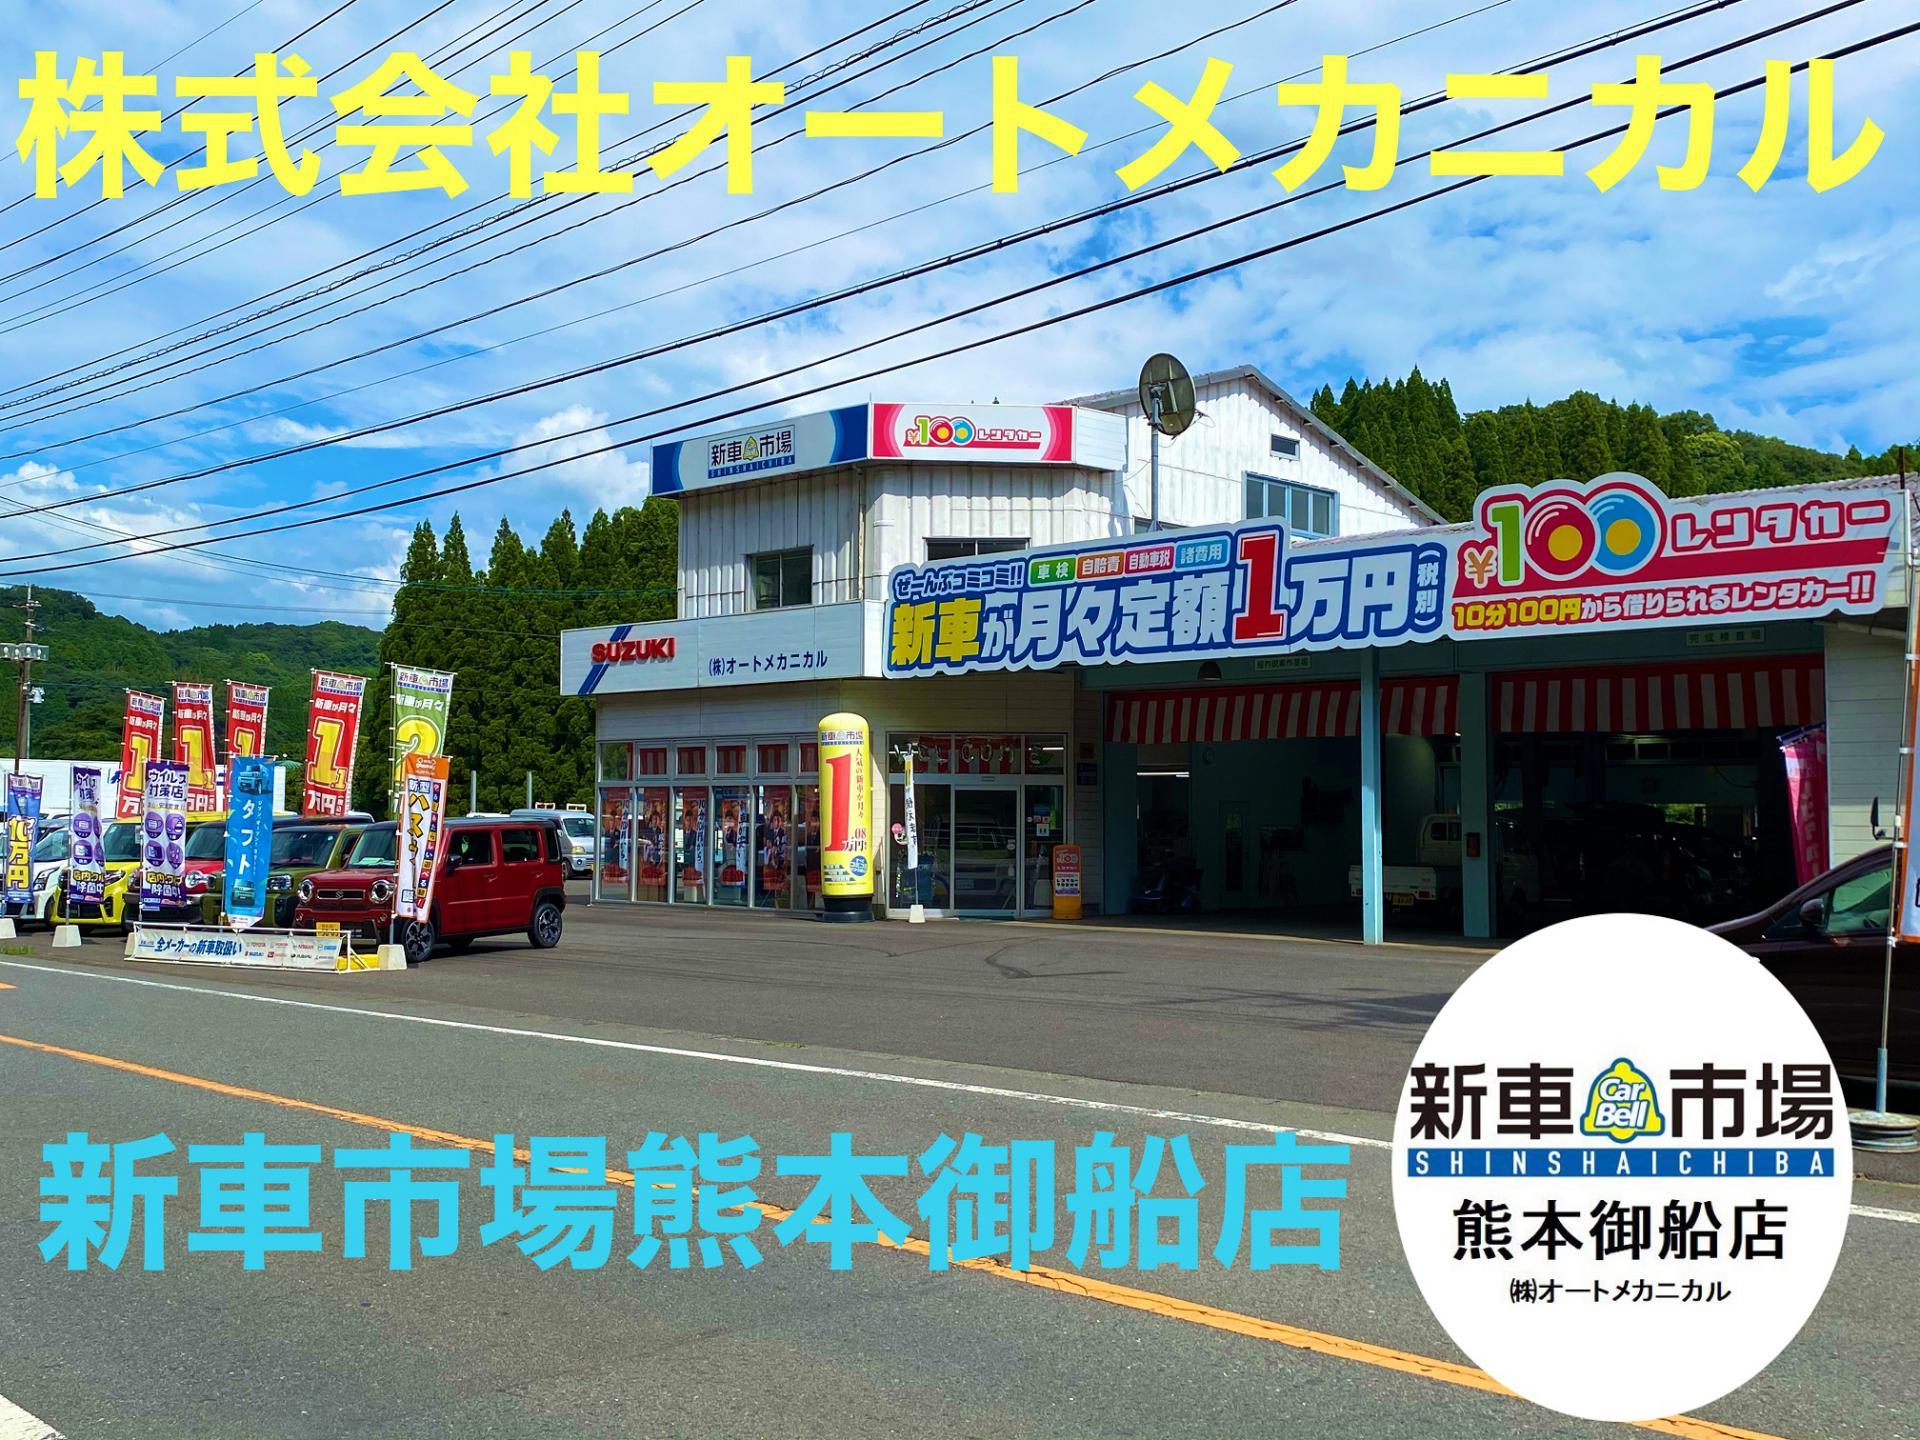 株式会社オートメカニカル 新車市場 熊本御船店